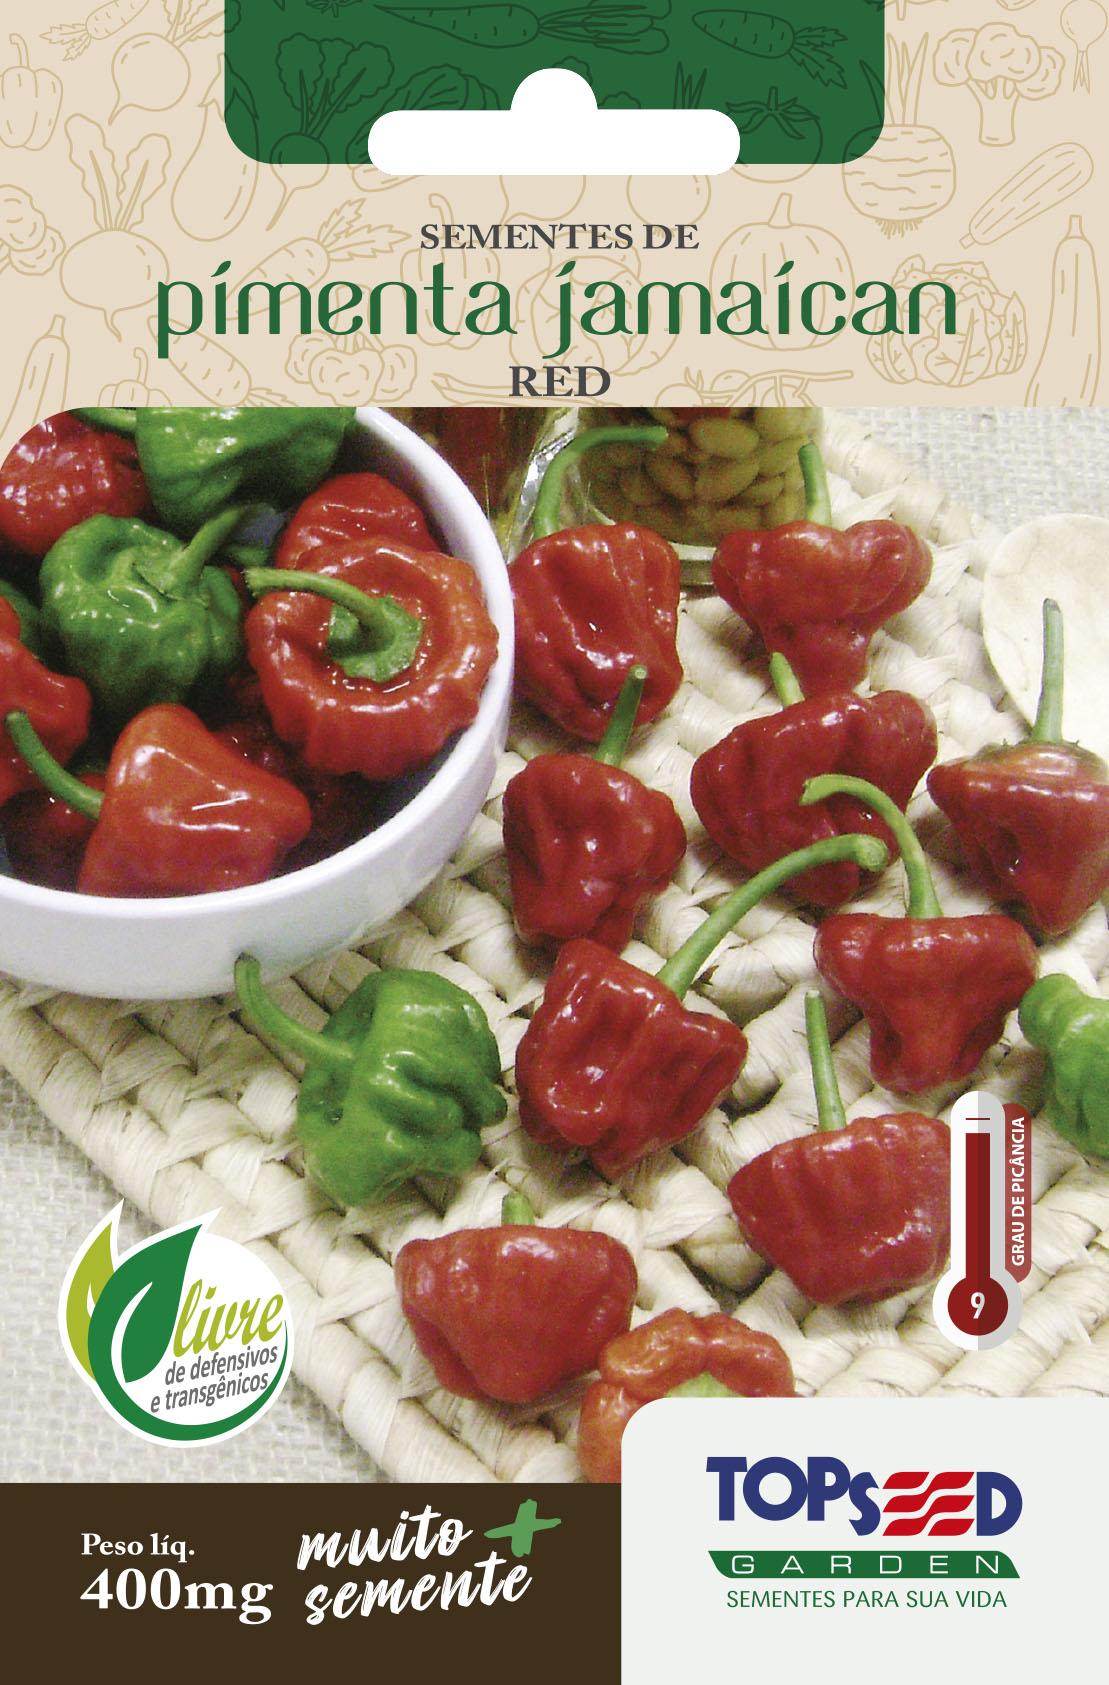 PIMENTA JAMAICAN RED